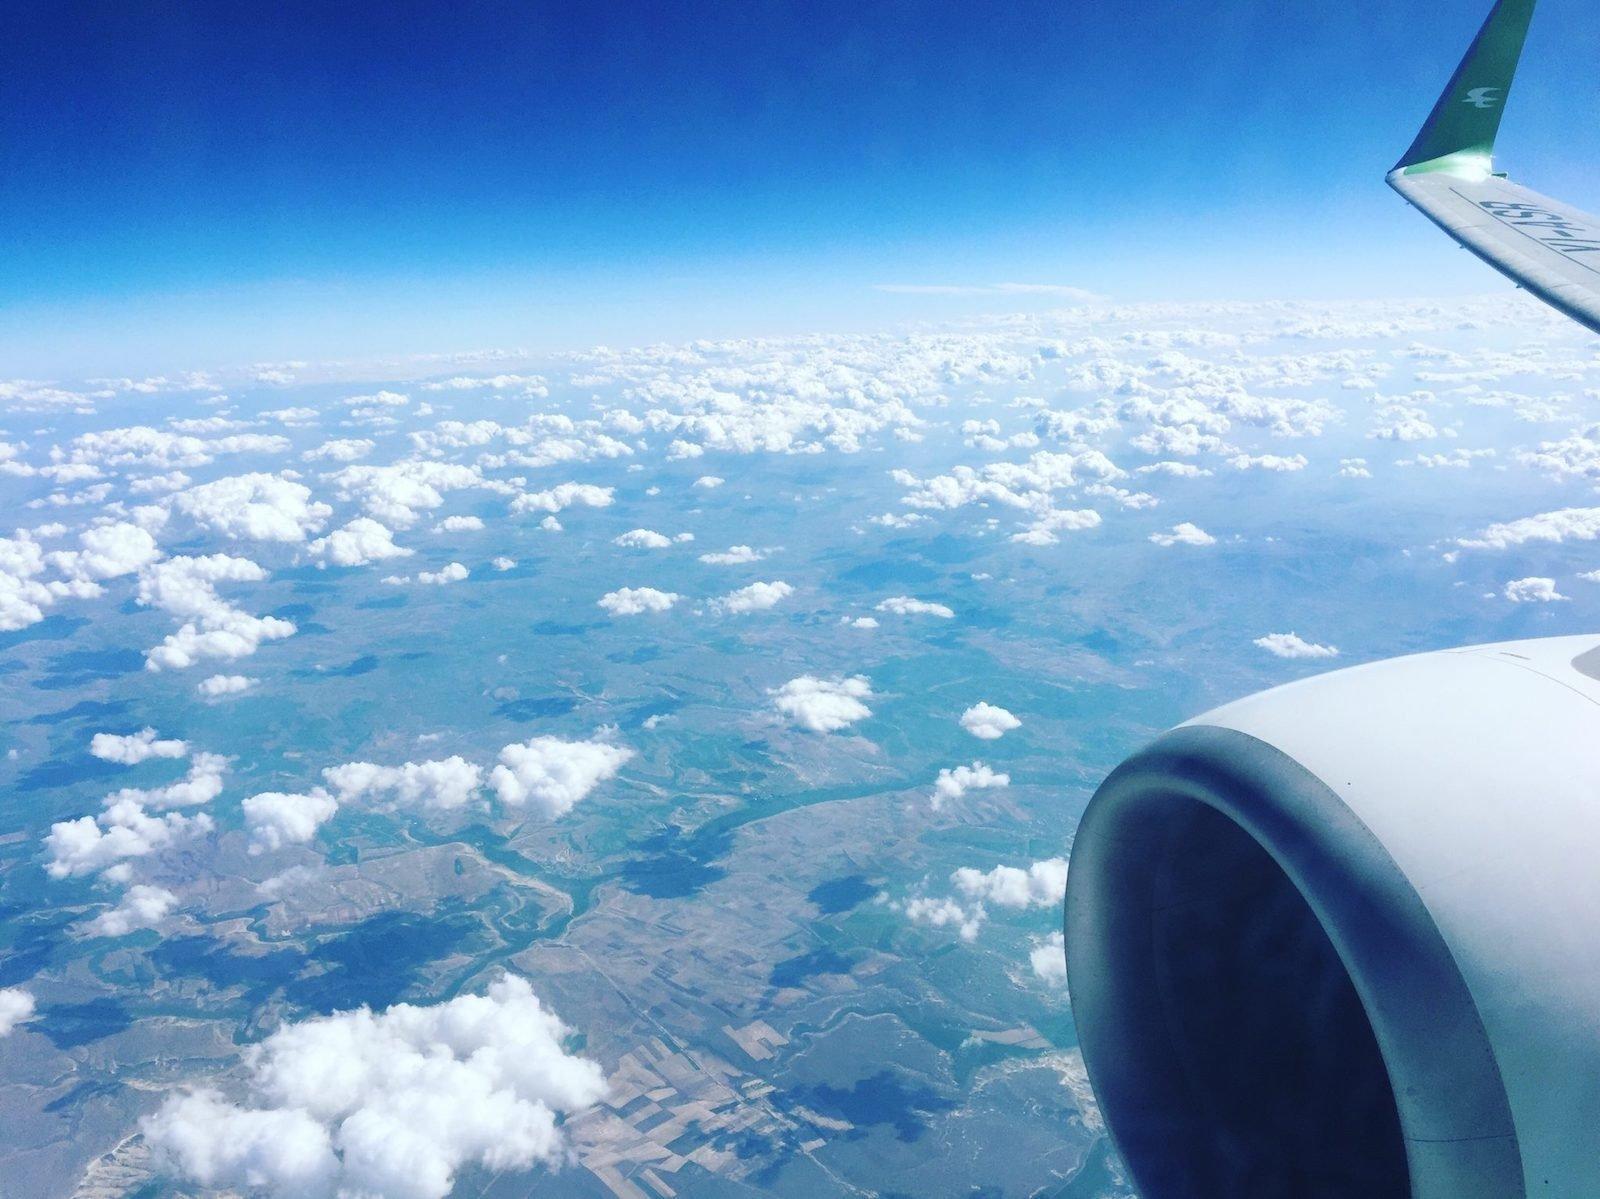 изящные красивый вид из окна самолета фото рецепты позволяют